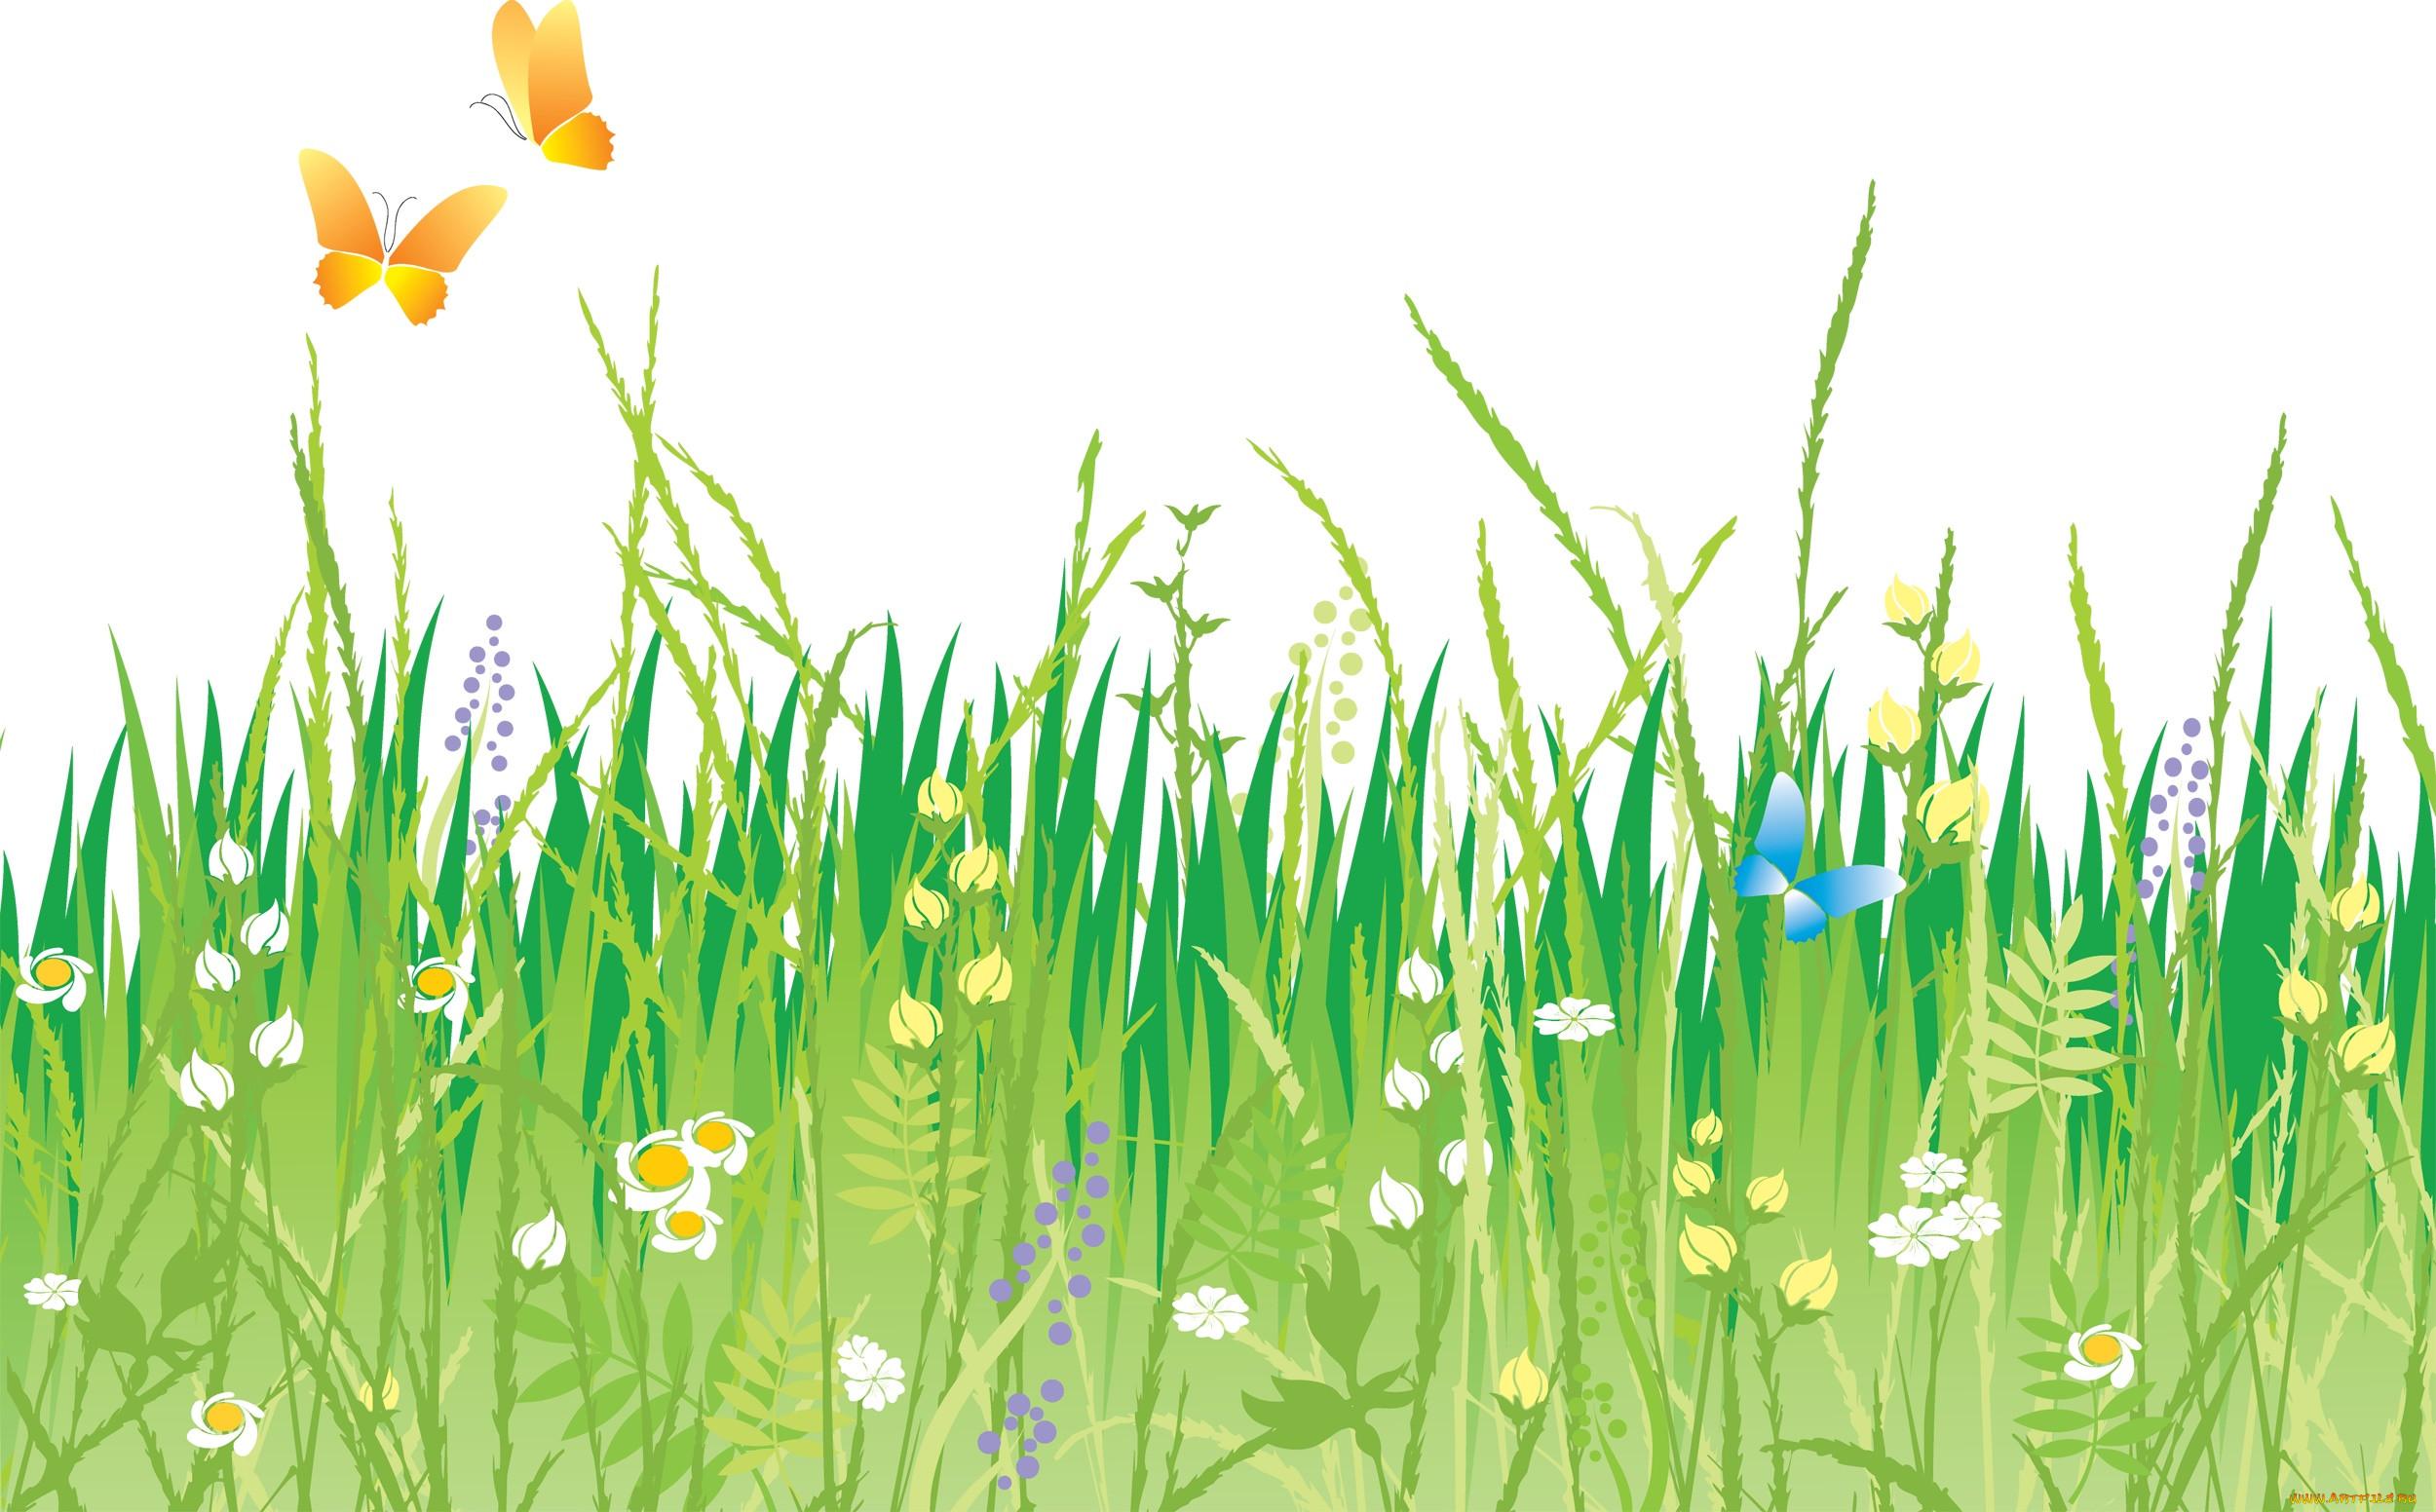 травы на прозрачном фоне картинка изготовление ловушек для